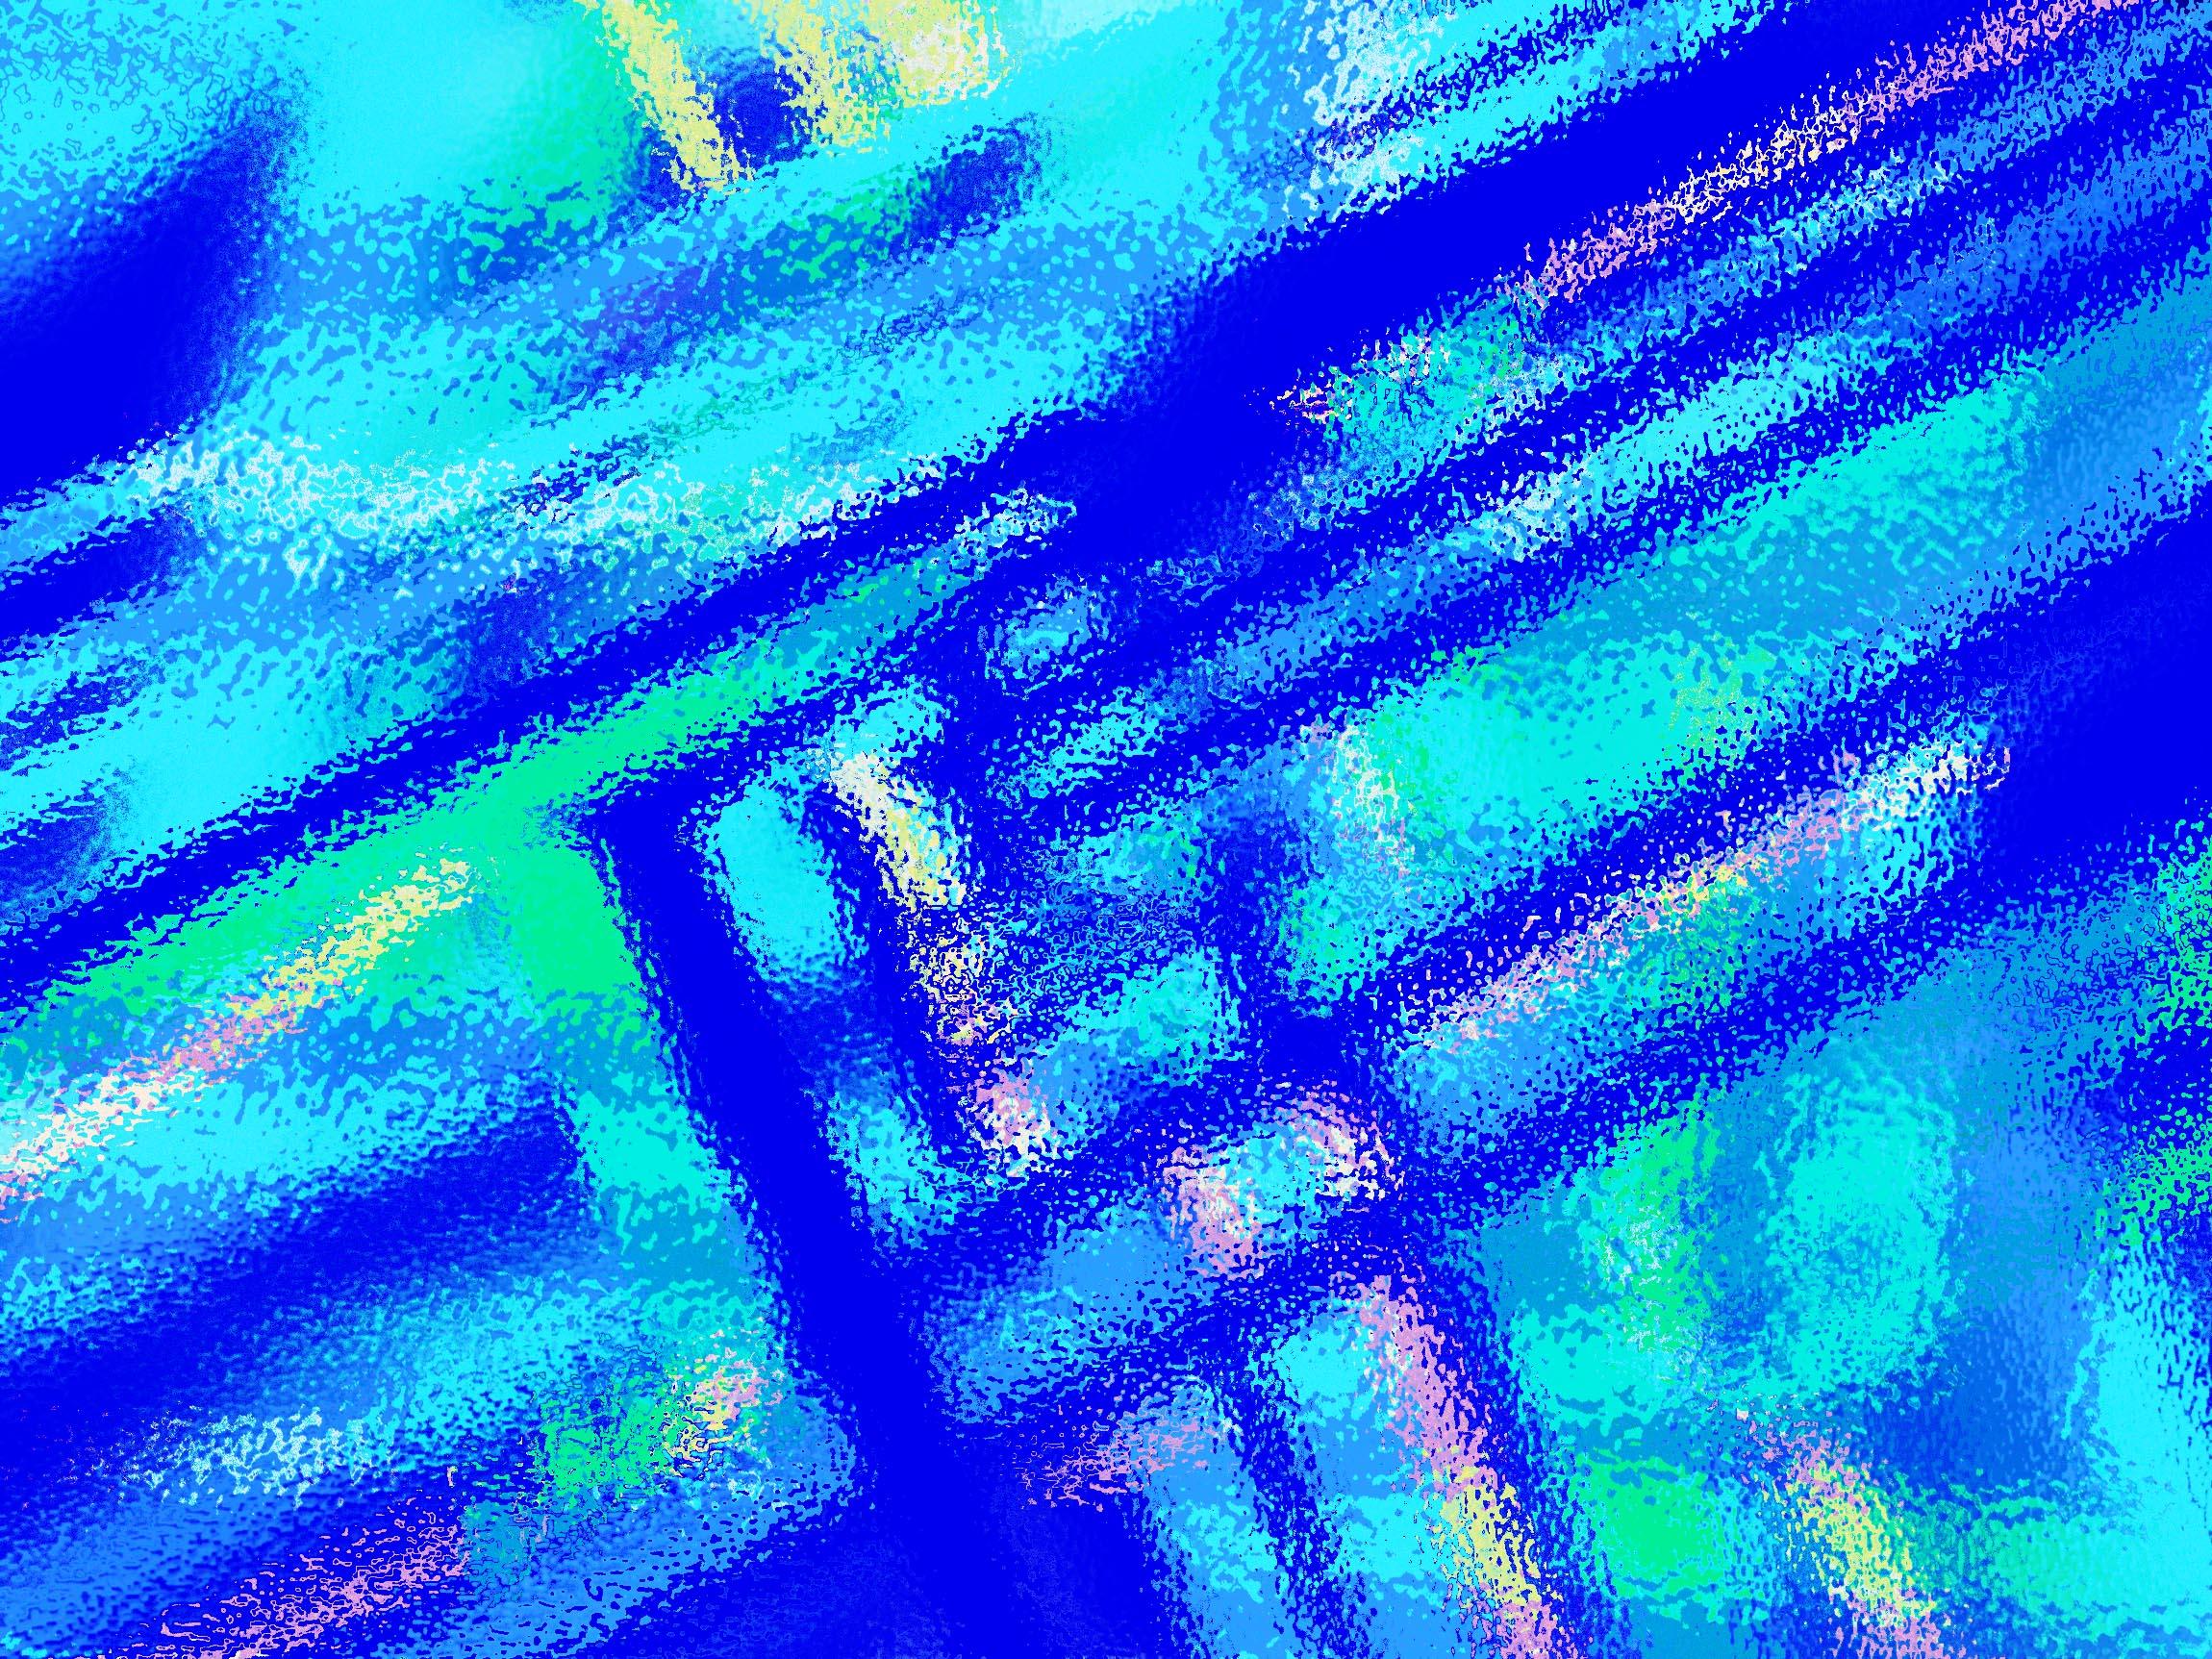 Hintergrundbilder HD